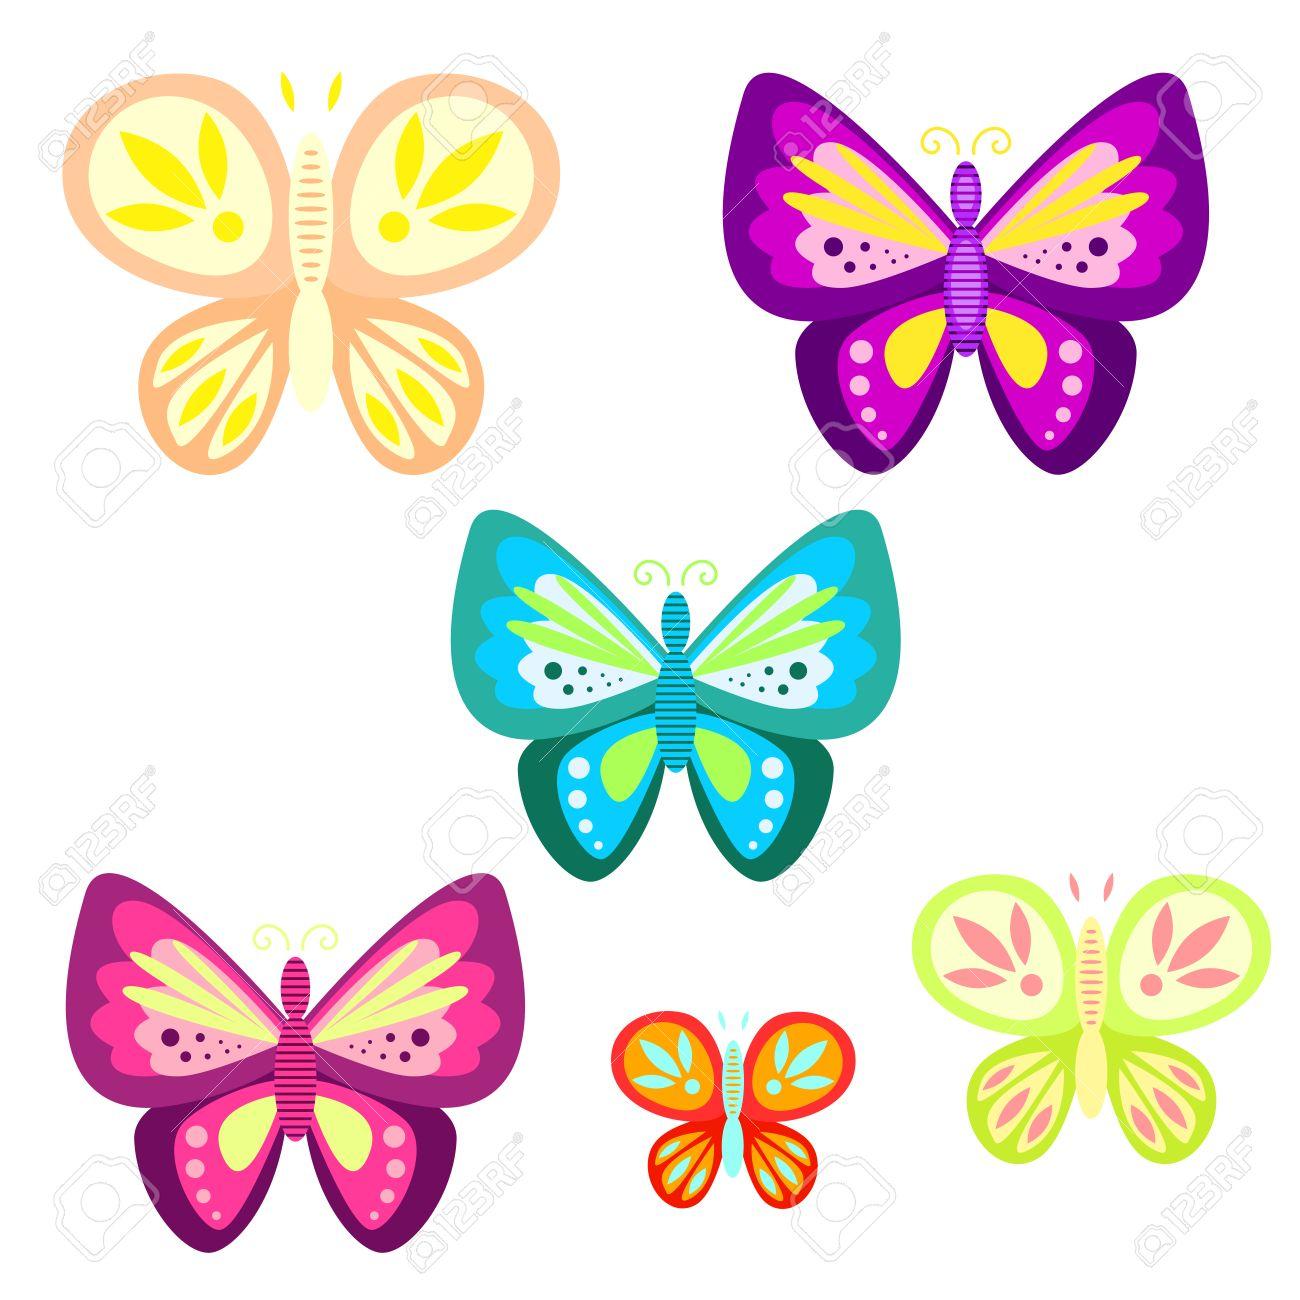 mariposa determinada ilustración vectorial de dibujos animados